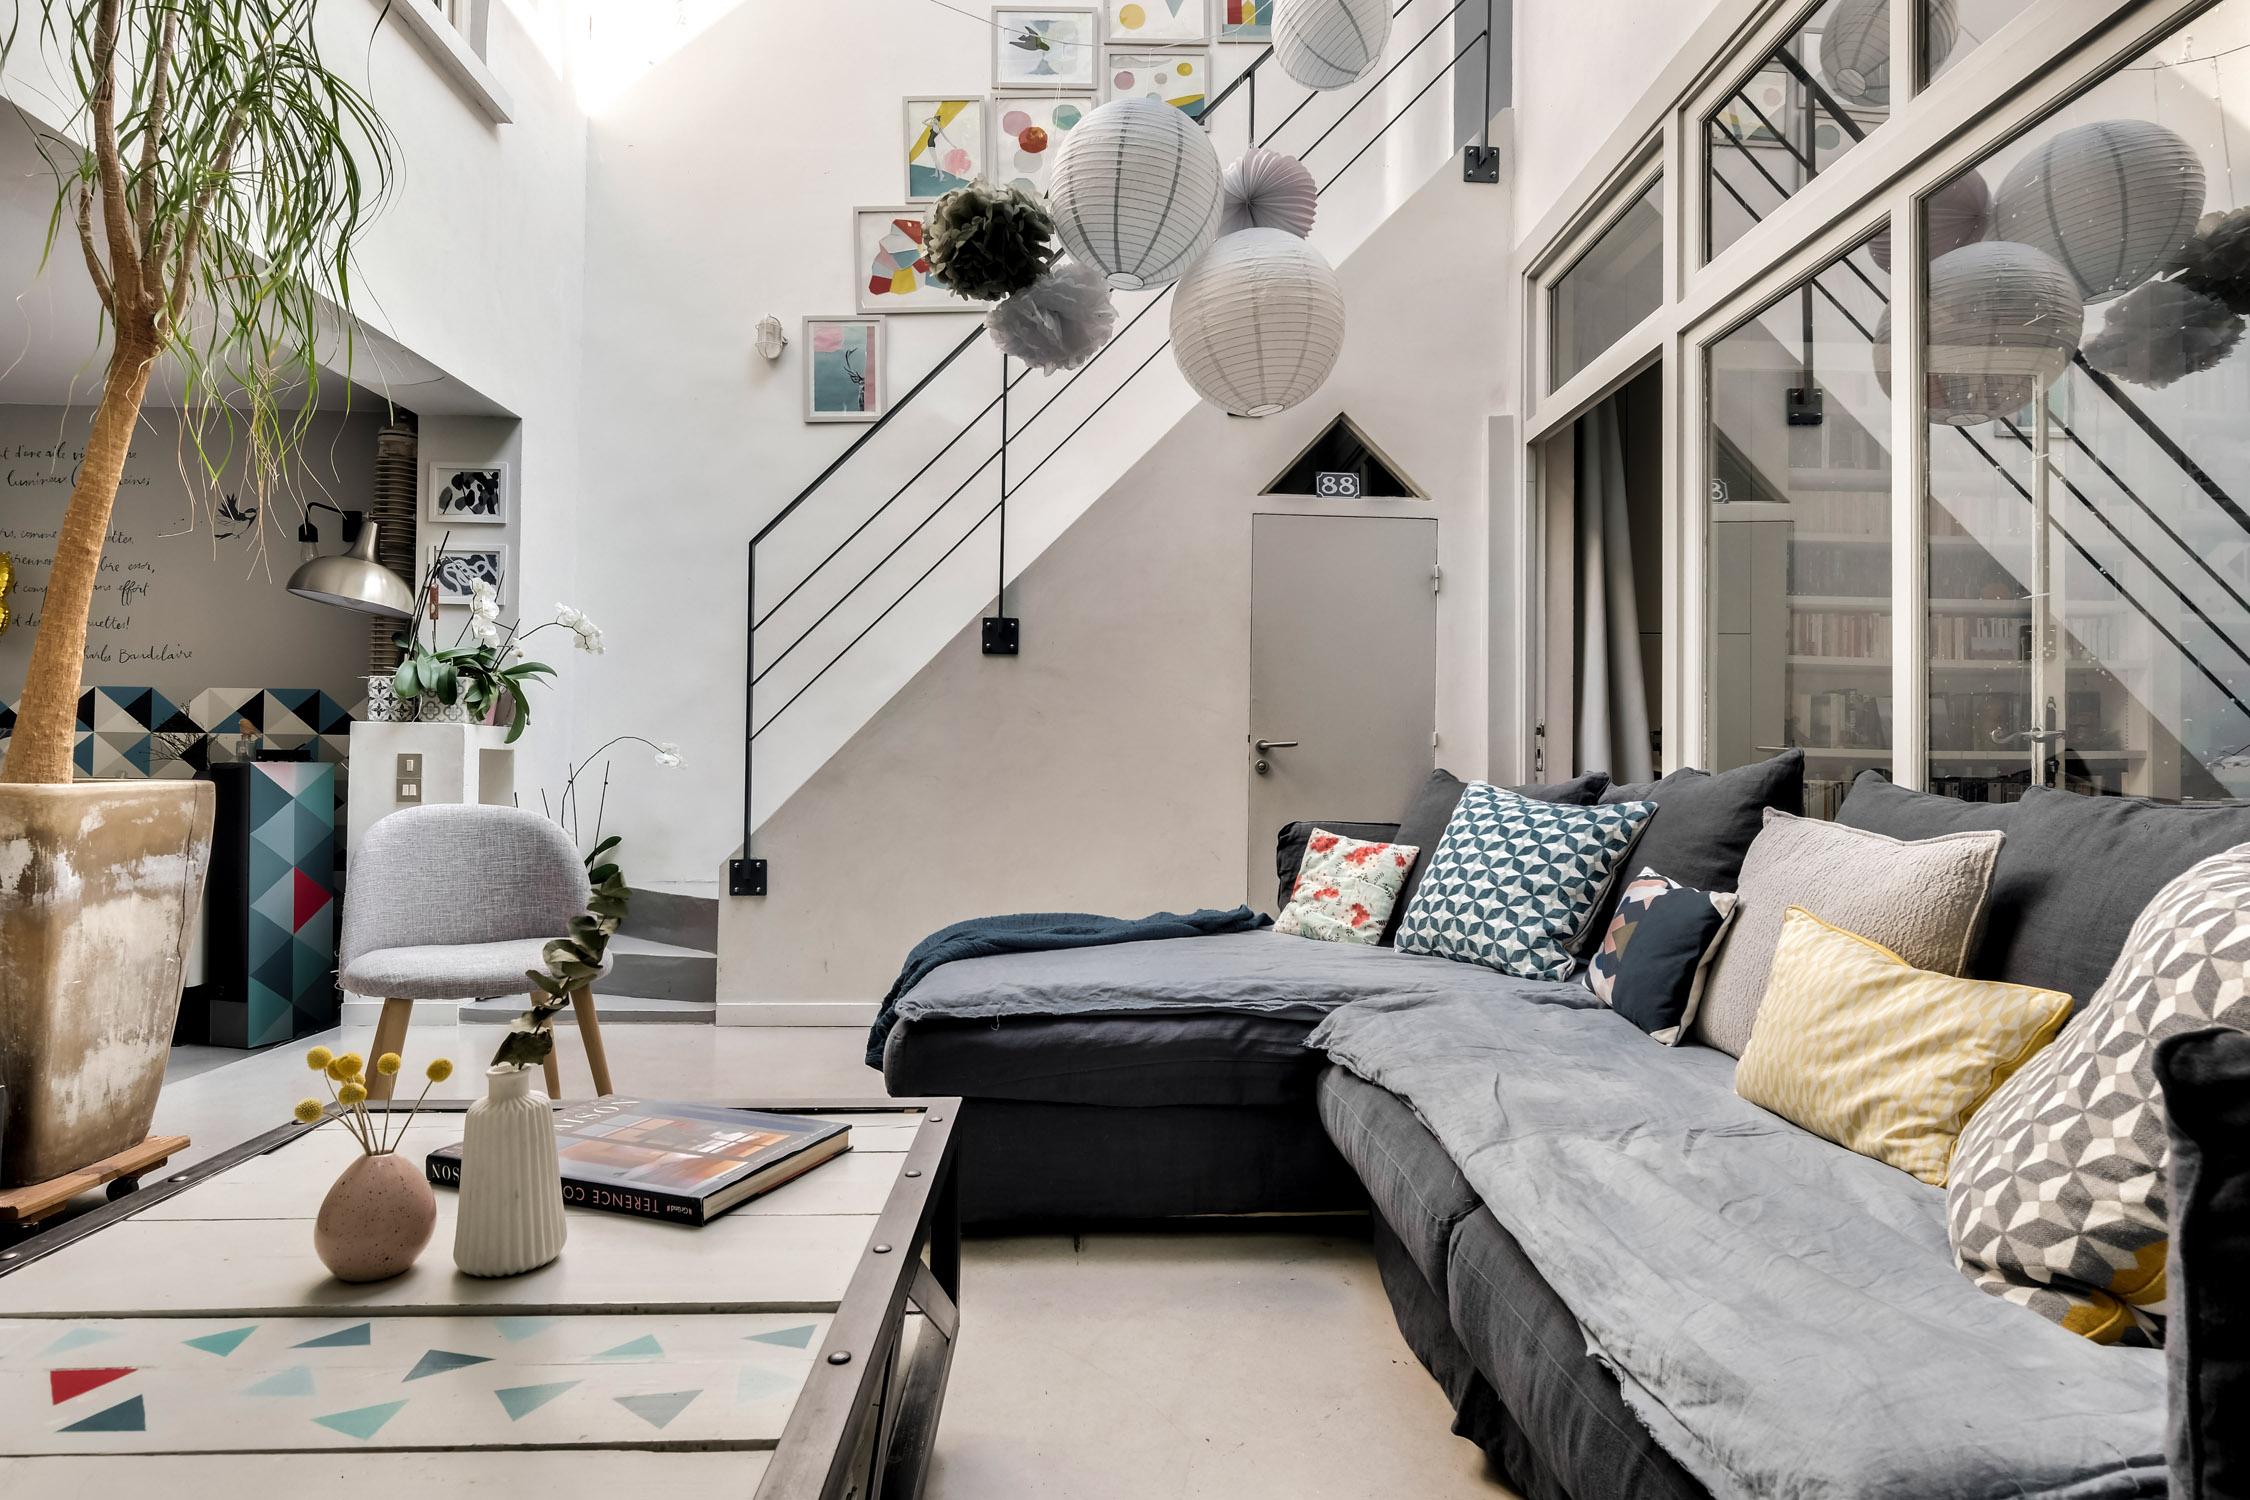 salon bohème avec escalier et garde-corps sur-mesure rénovation murs et merveilles